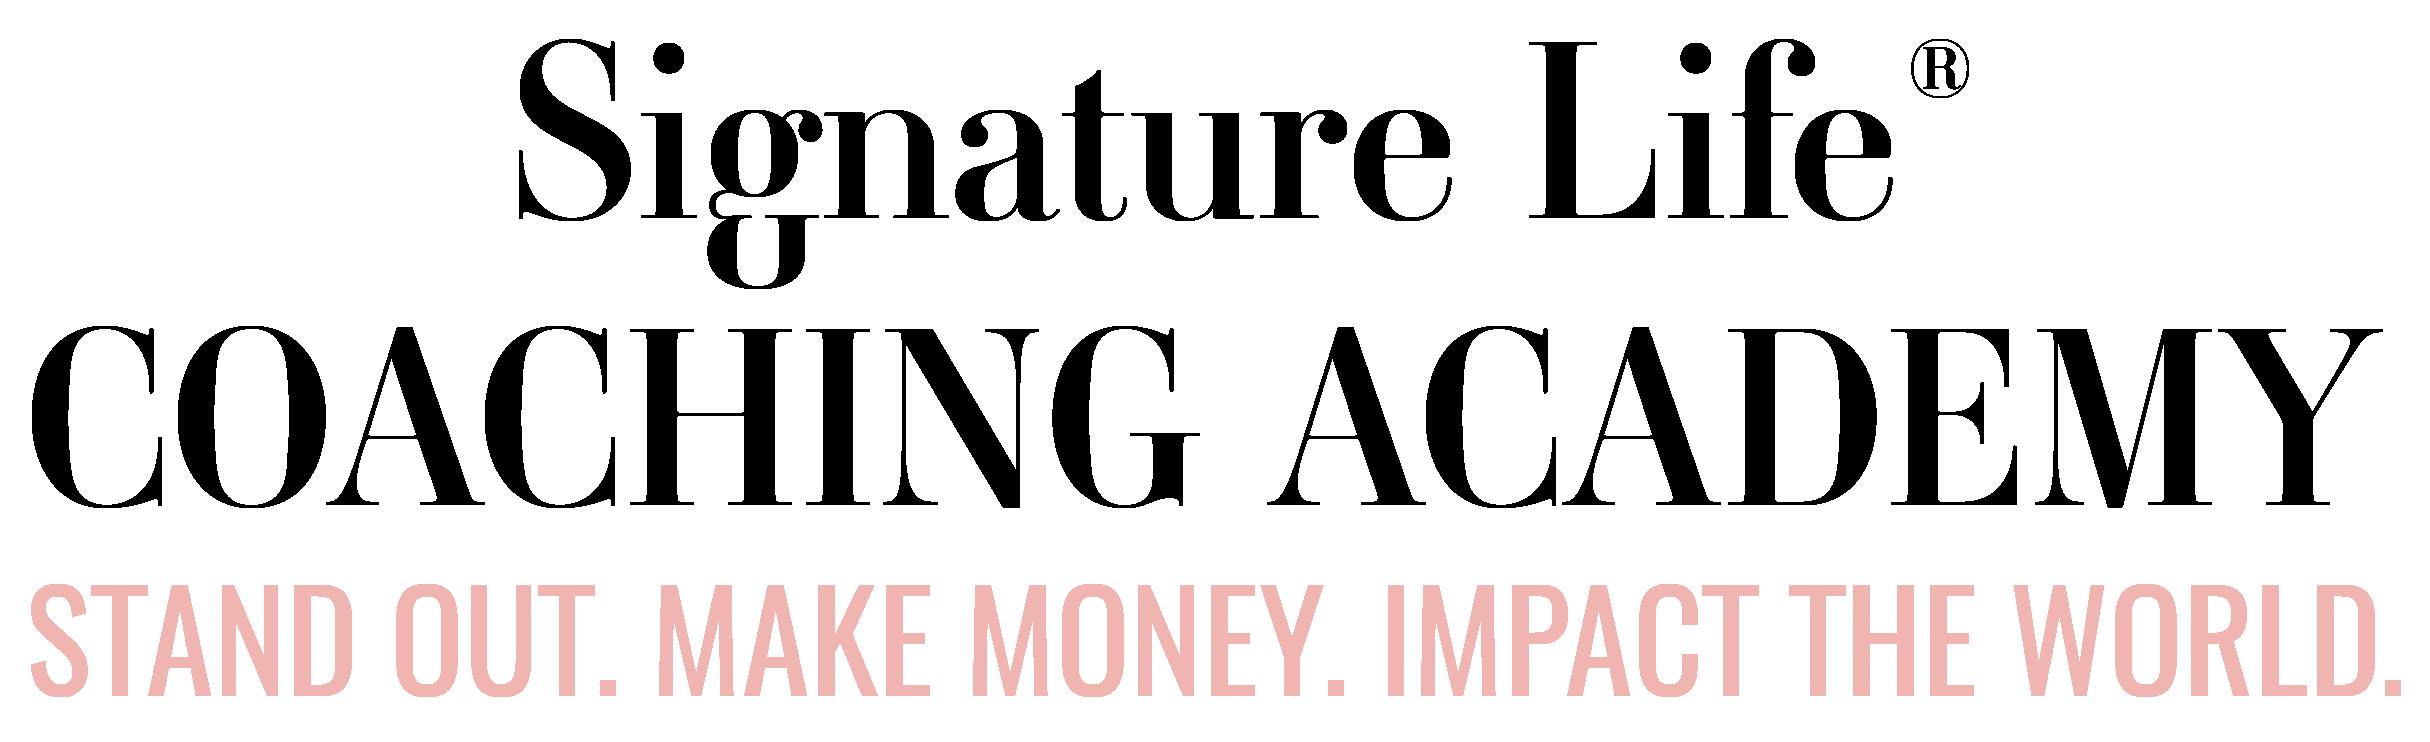 Coaching-Academy-logo-01 (3).png